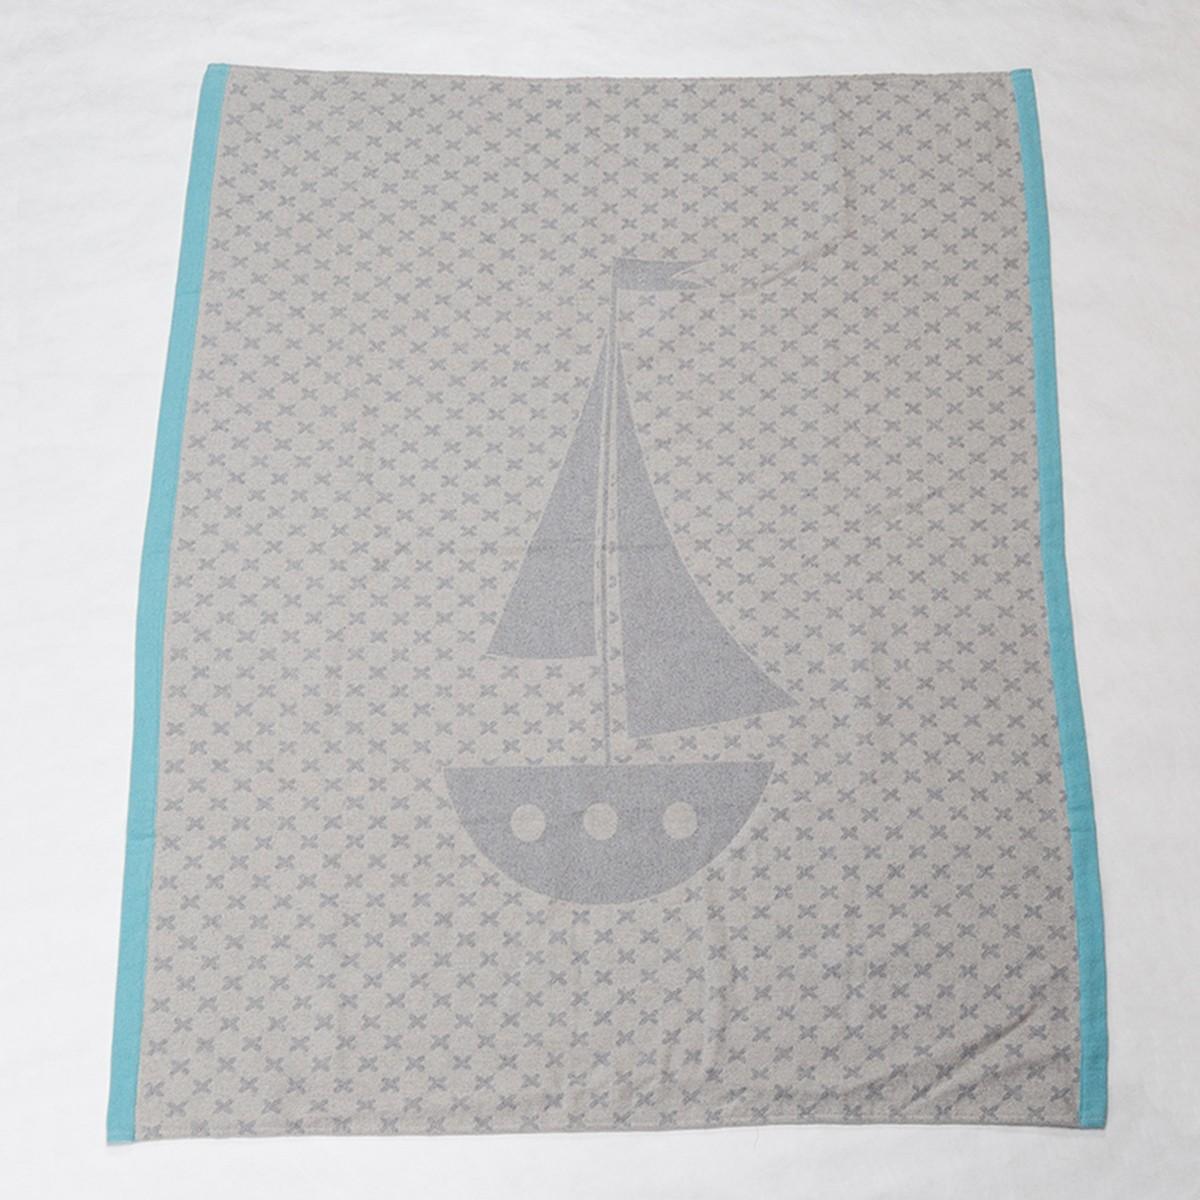 Κουβέρτα Fleece Κούνιας David Fussenegger Ida 2812/97 home   βρεφικά   κουβέρτες βρεφικές   κουβέρτες fleece